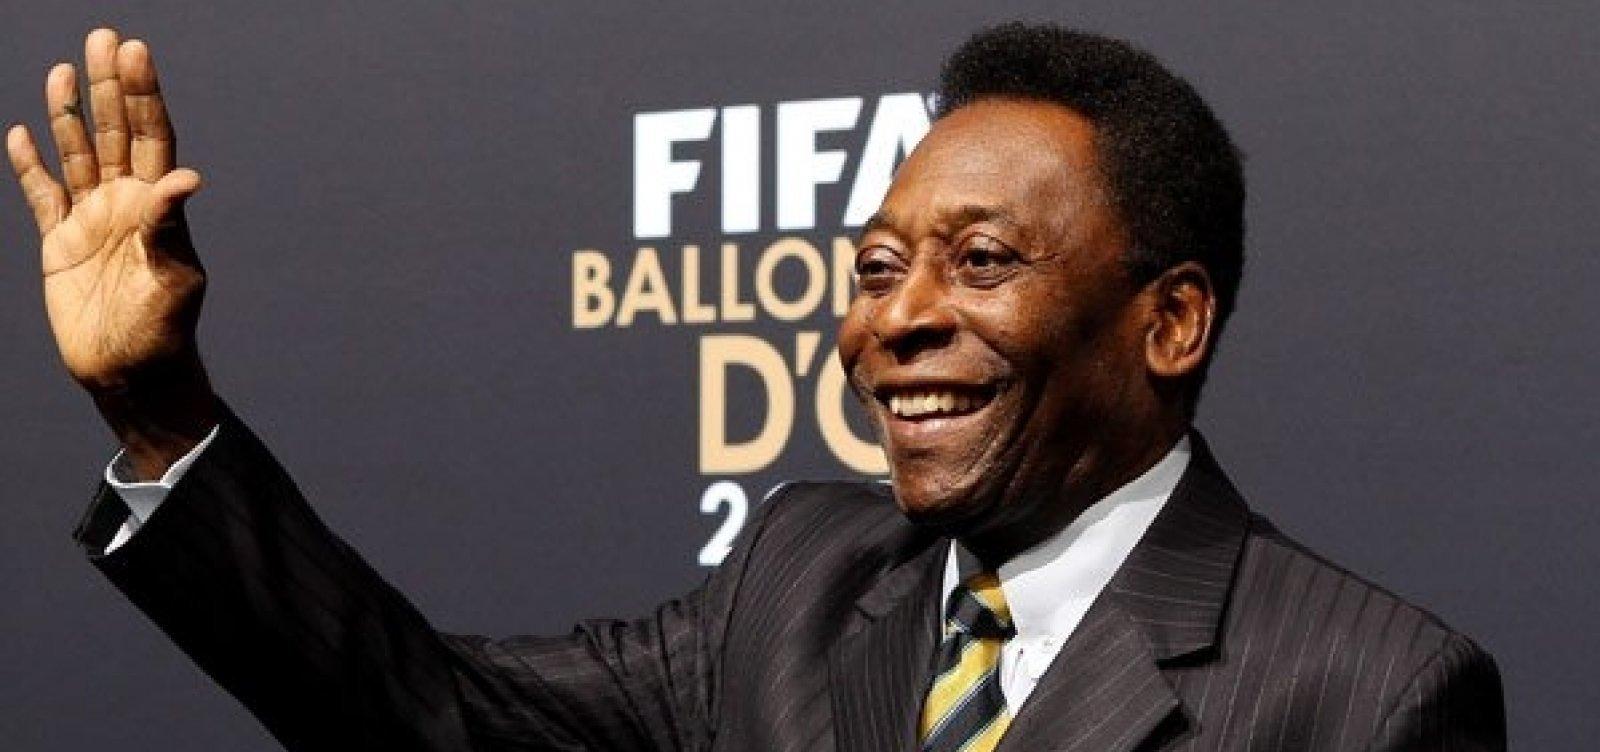 Pelé apresenta piora em seu quadro de saúde e volta para a UTI